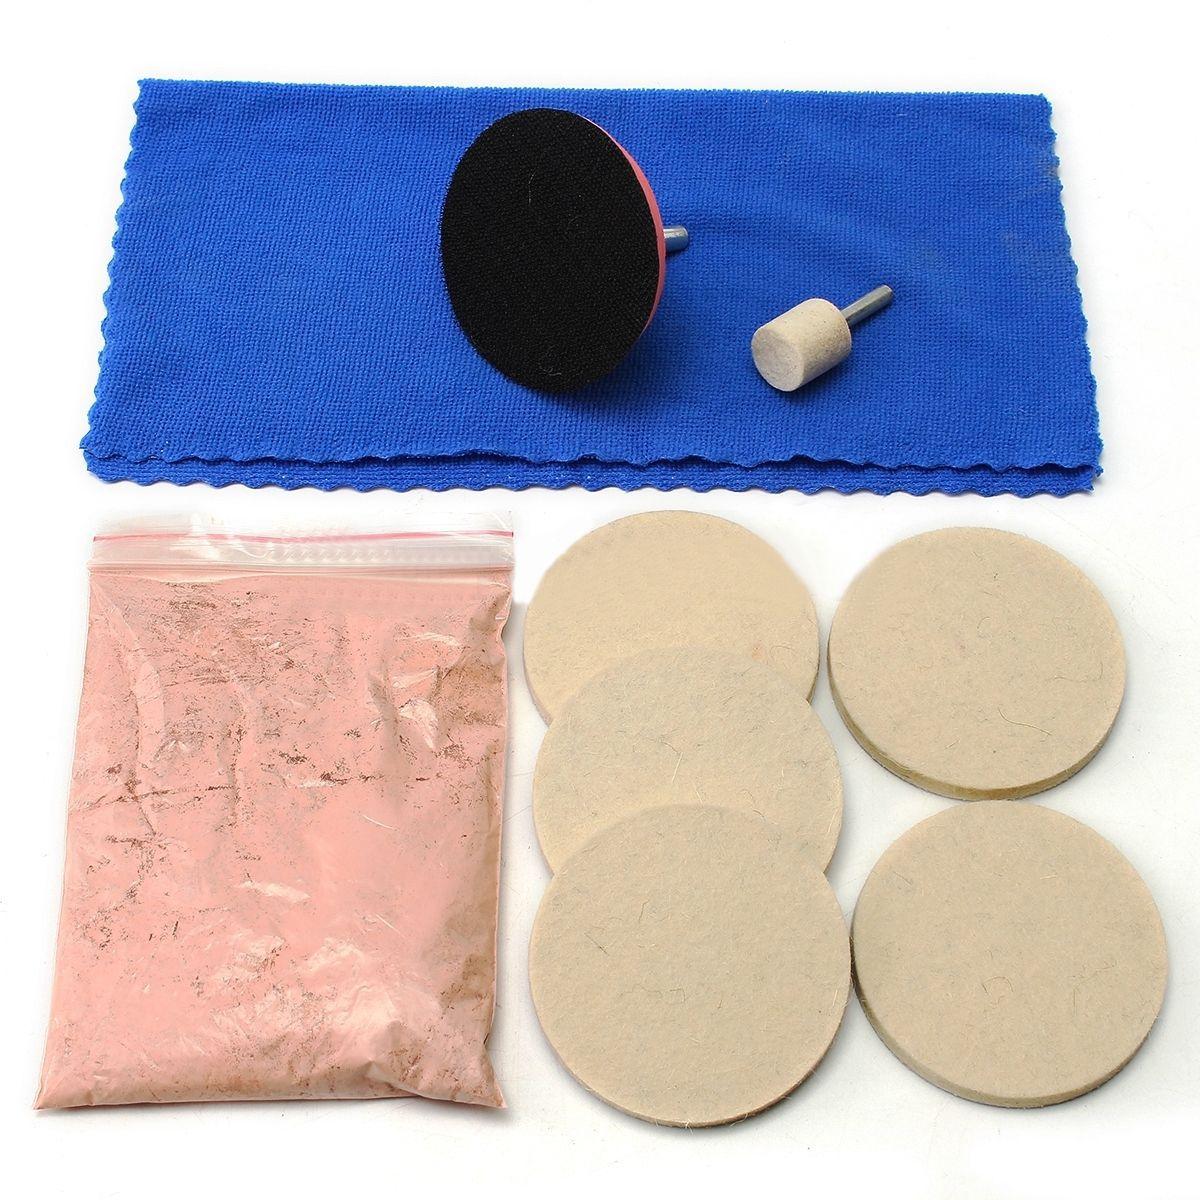 Kit de polissage de verre d'oxyde de cérium OSSIEAO 100g anti-rayures pour pare-brise + tampon 3 + feutre